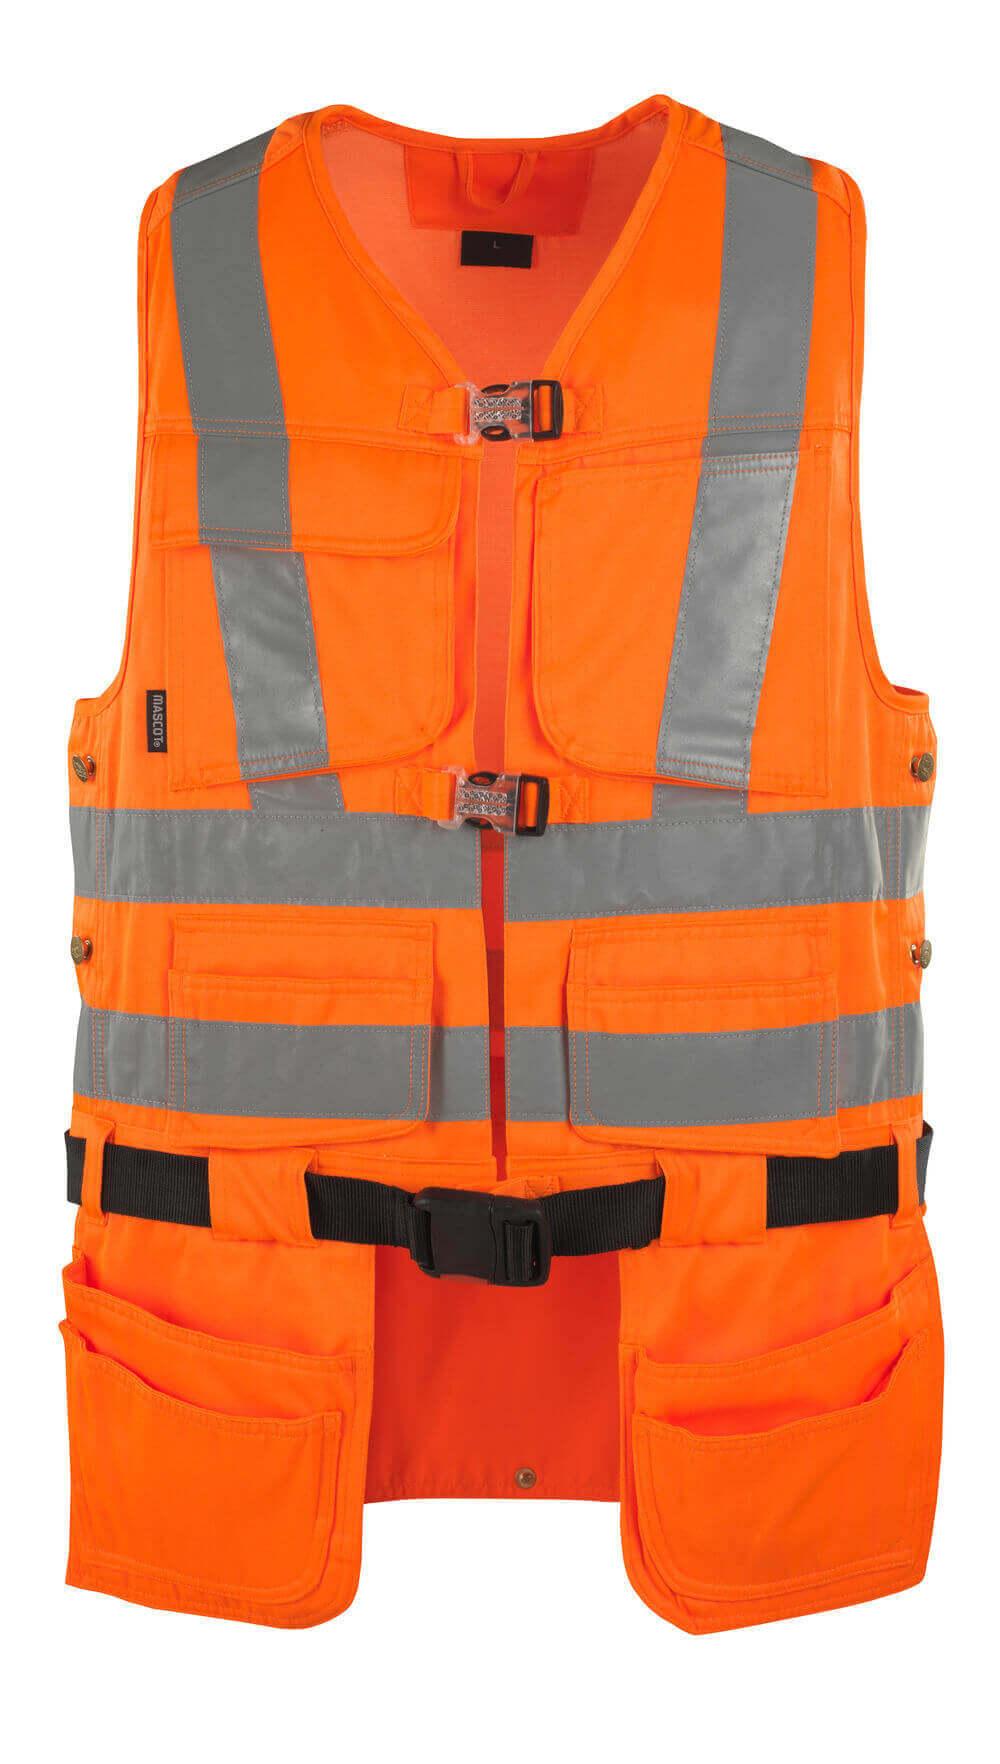 08089-860-14 Værktøjsvest - hi-vis orange